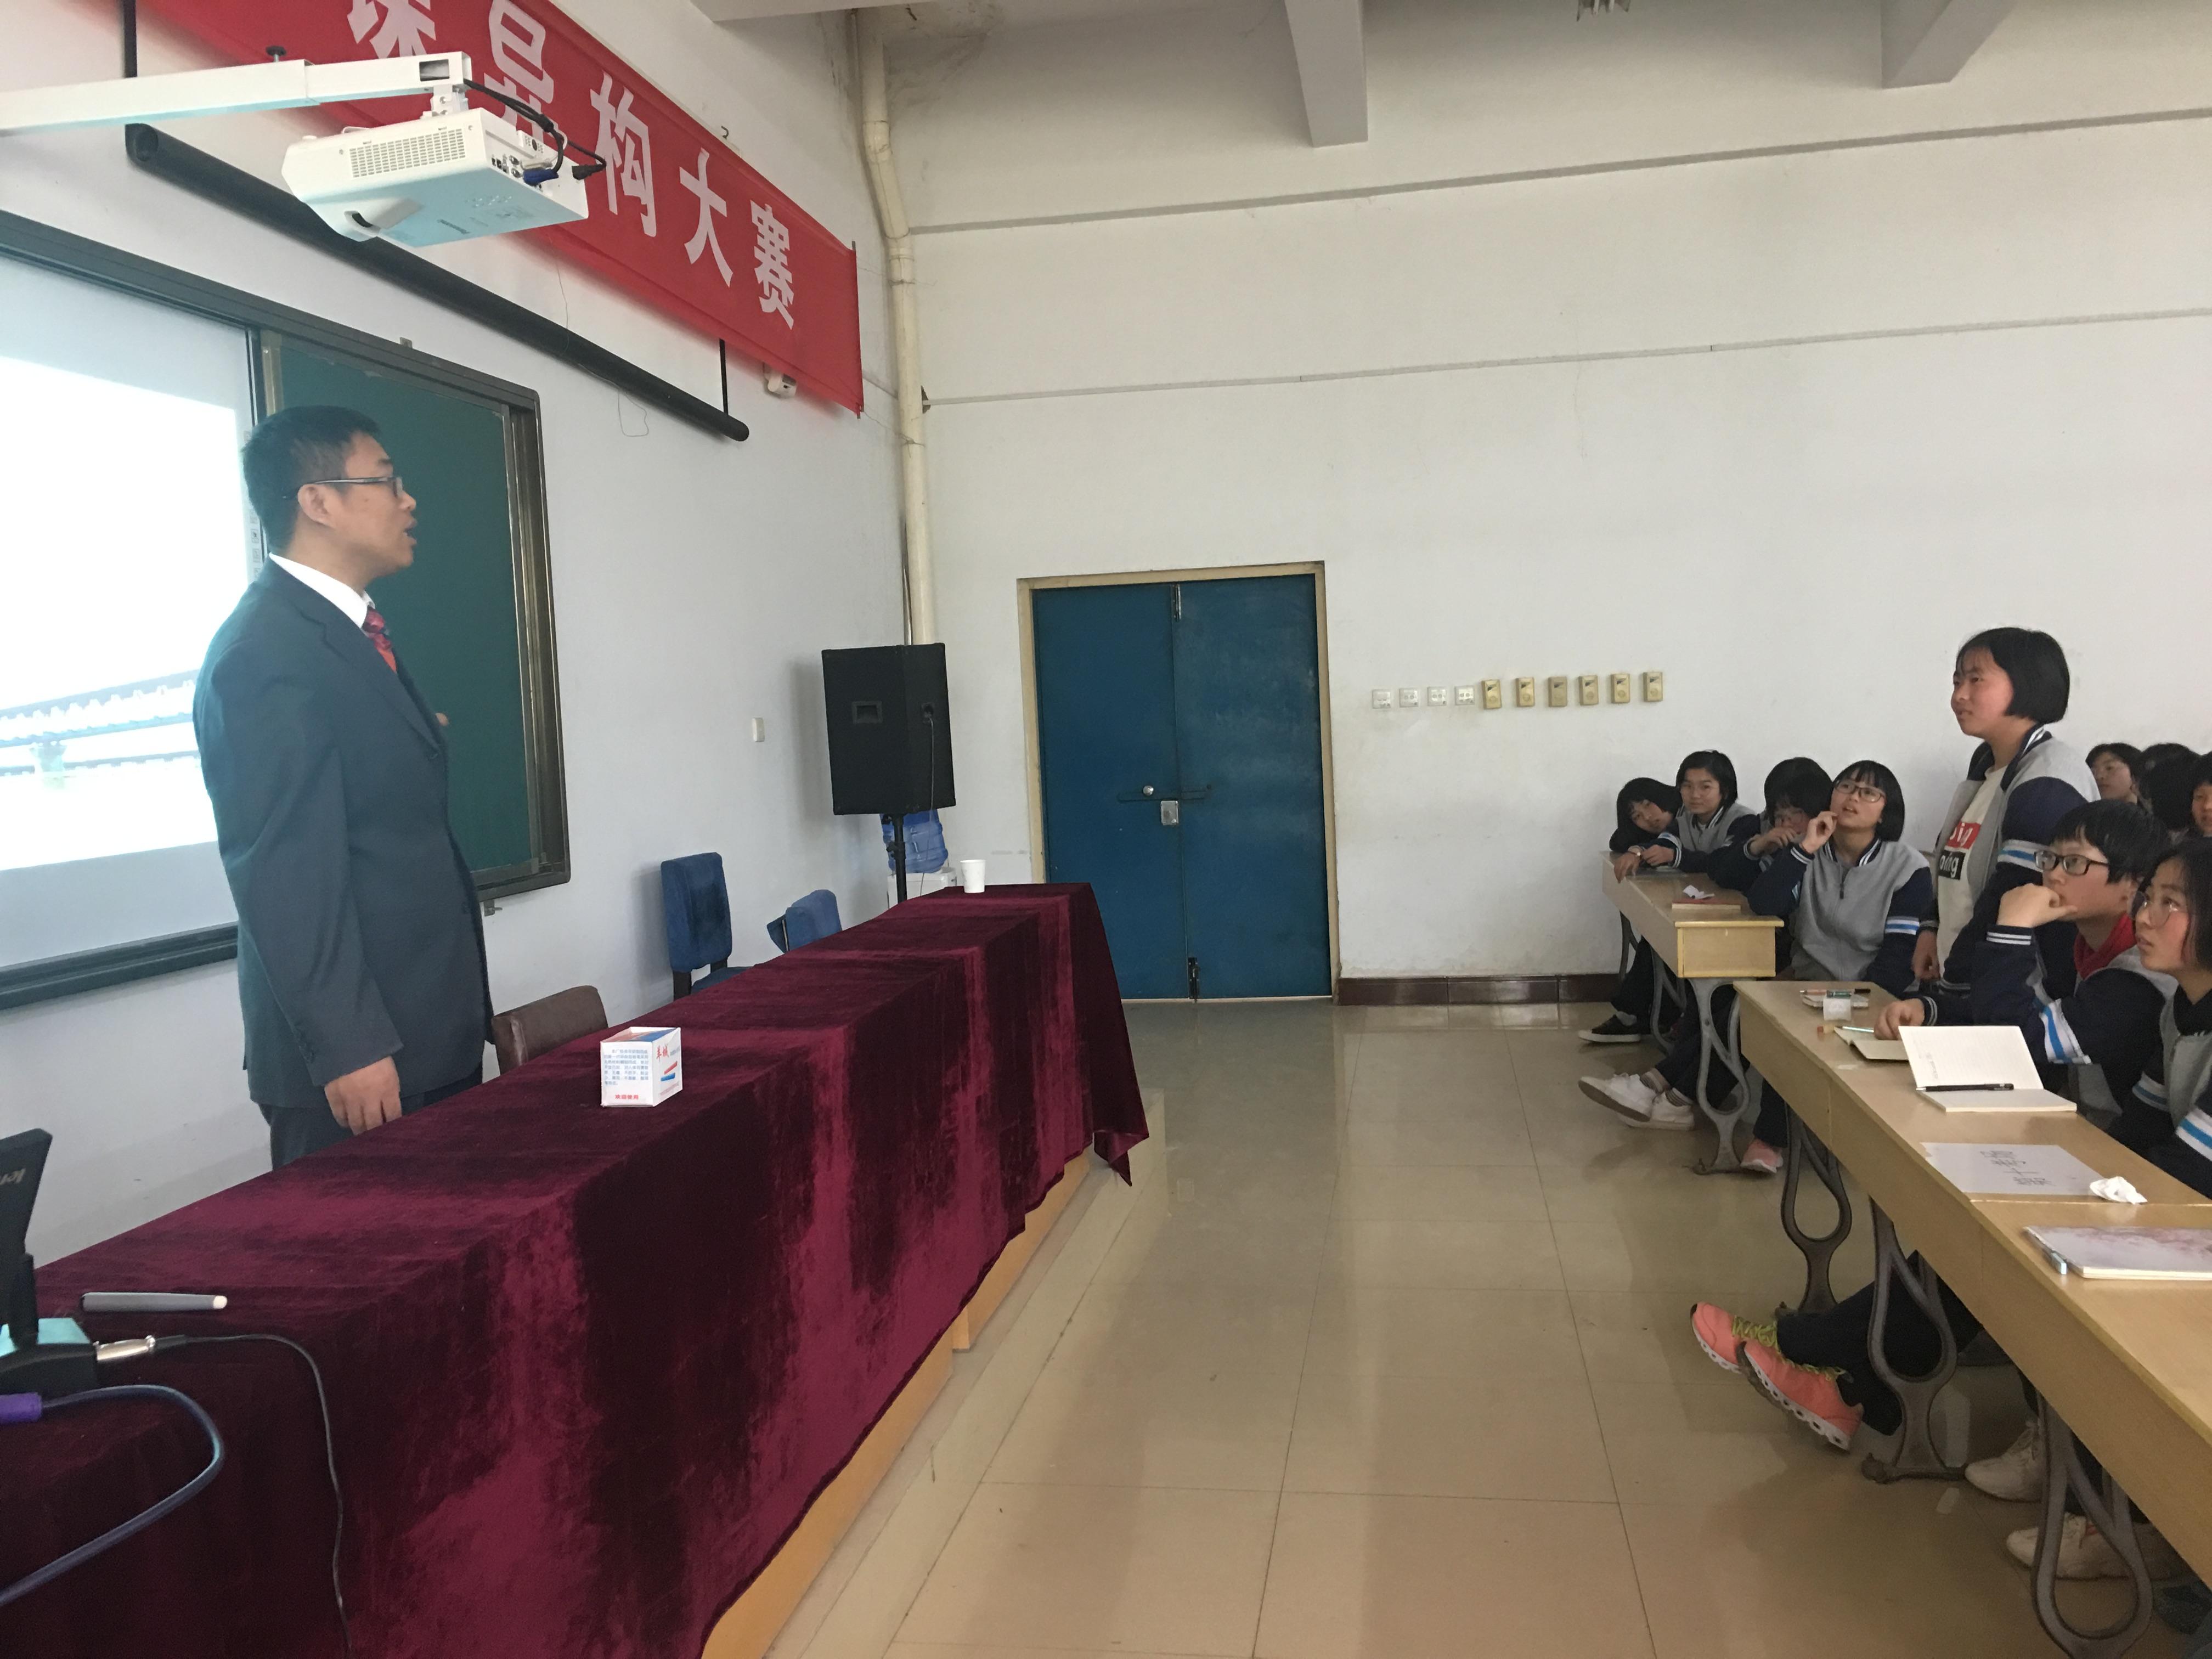 哈尔滨工业大学招生负责人莅校做招生宣讲-微信图片_20190330175308